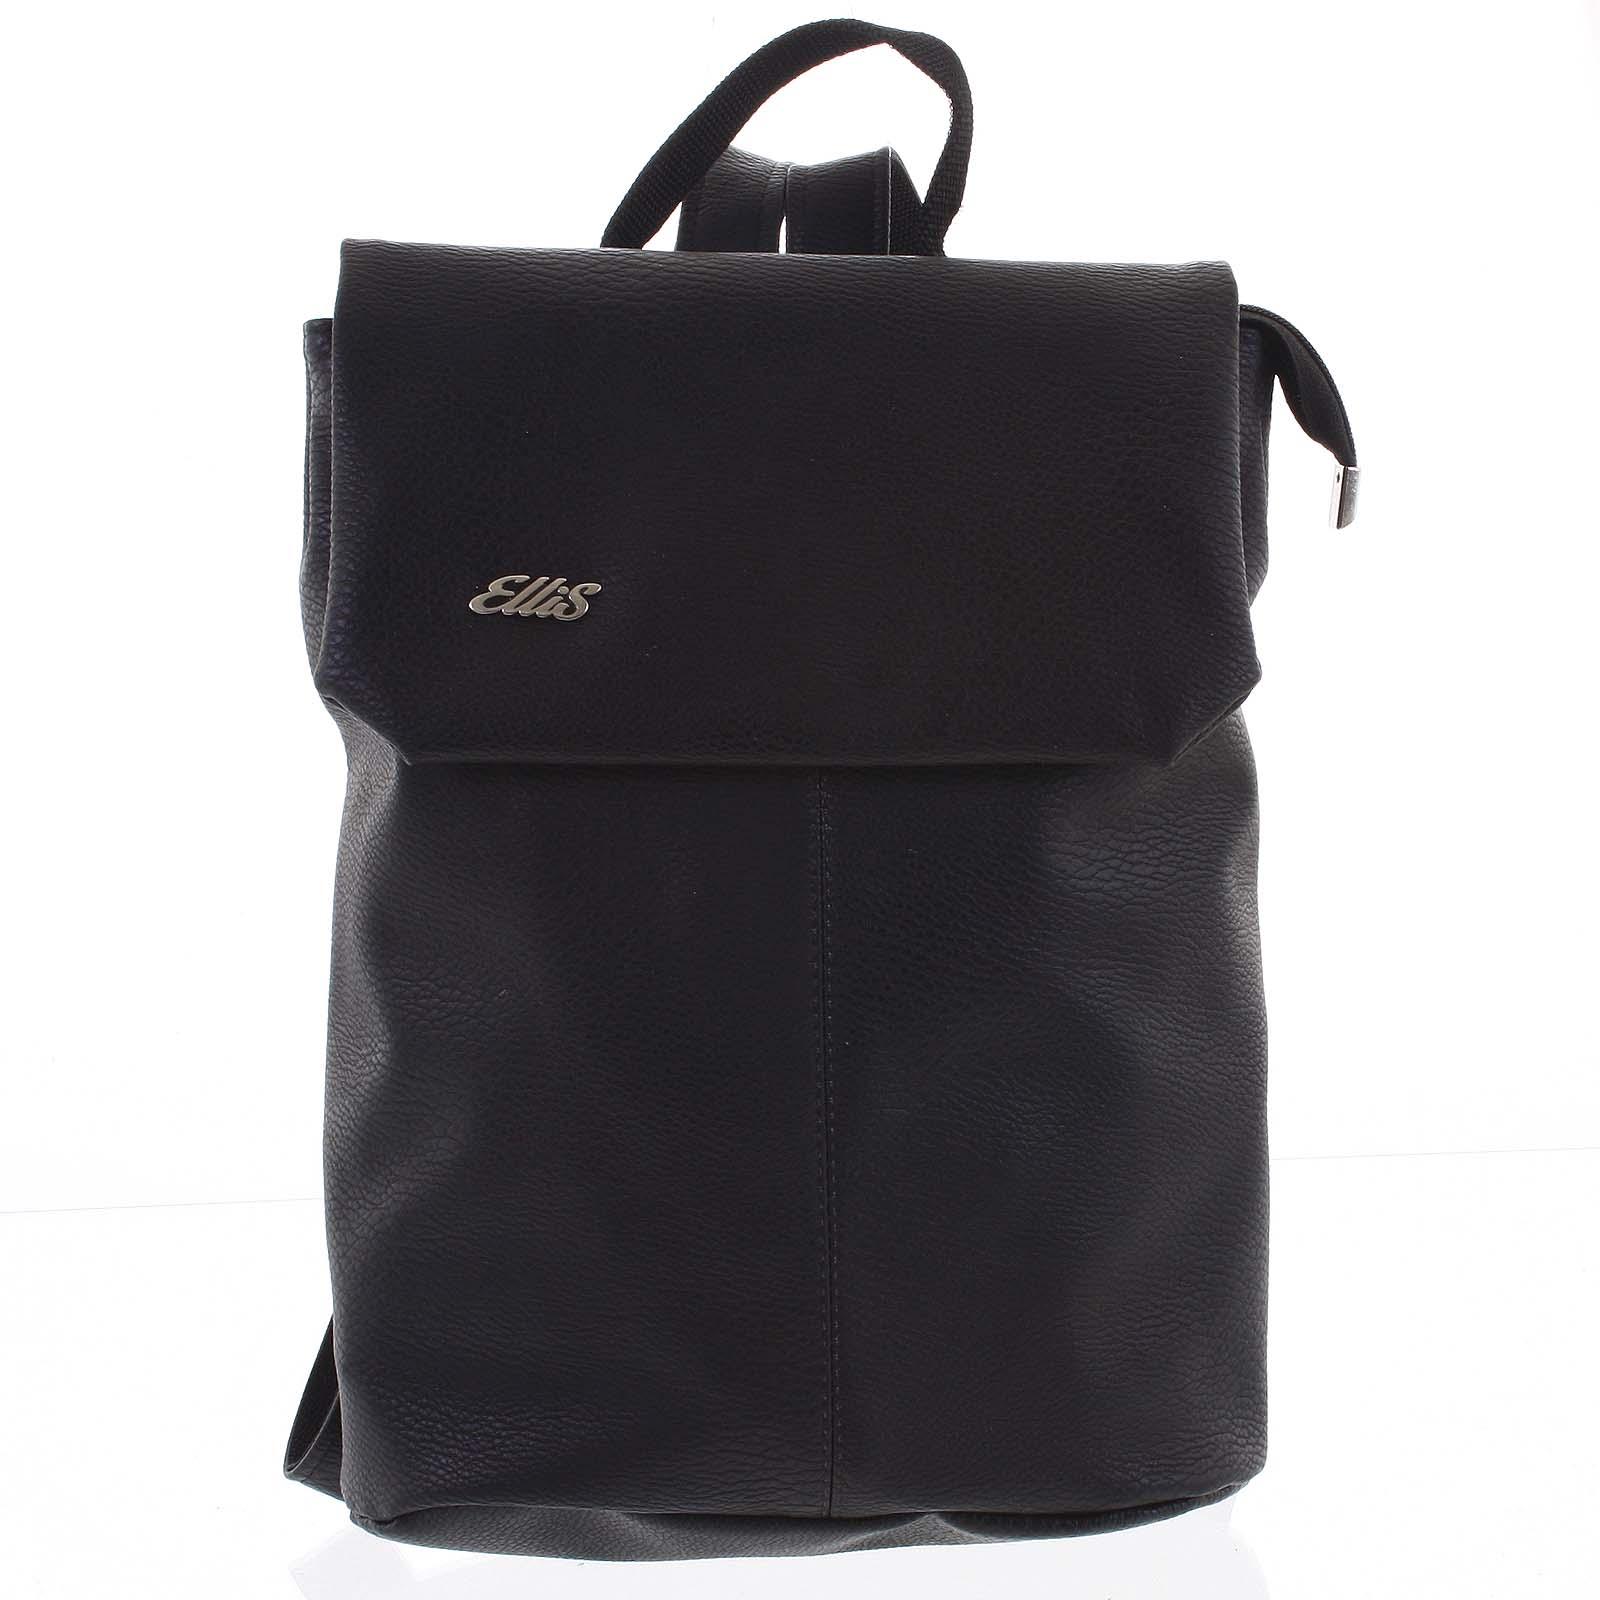 Větší měkký dámský moderní černý batoh - Ellis Elizabeth JR